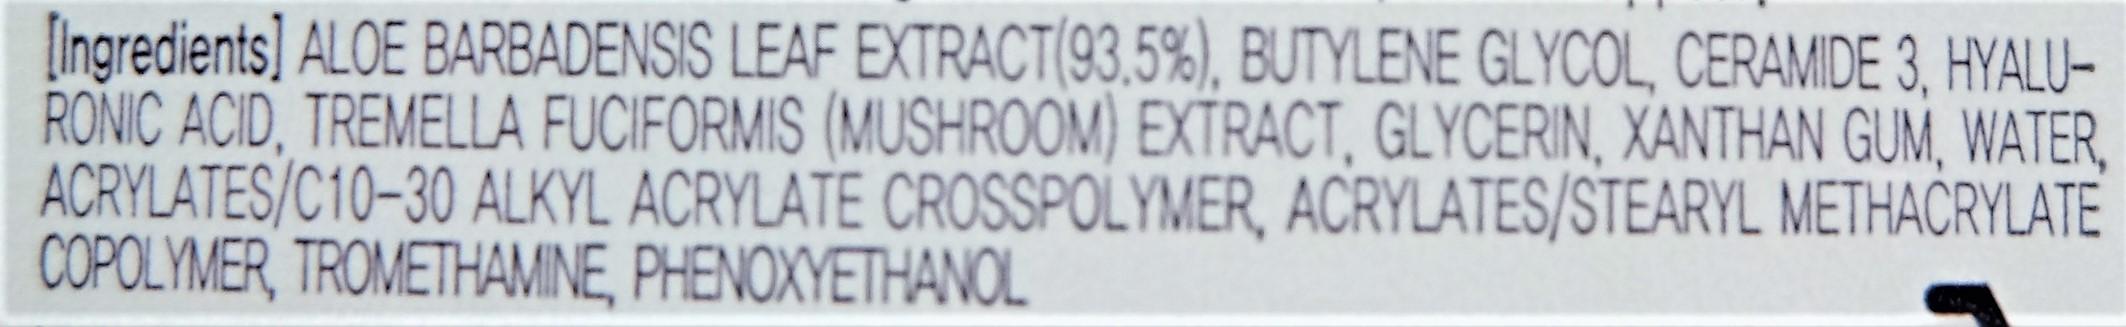 ingredientsEH.jpg